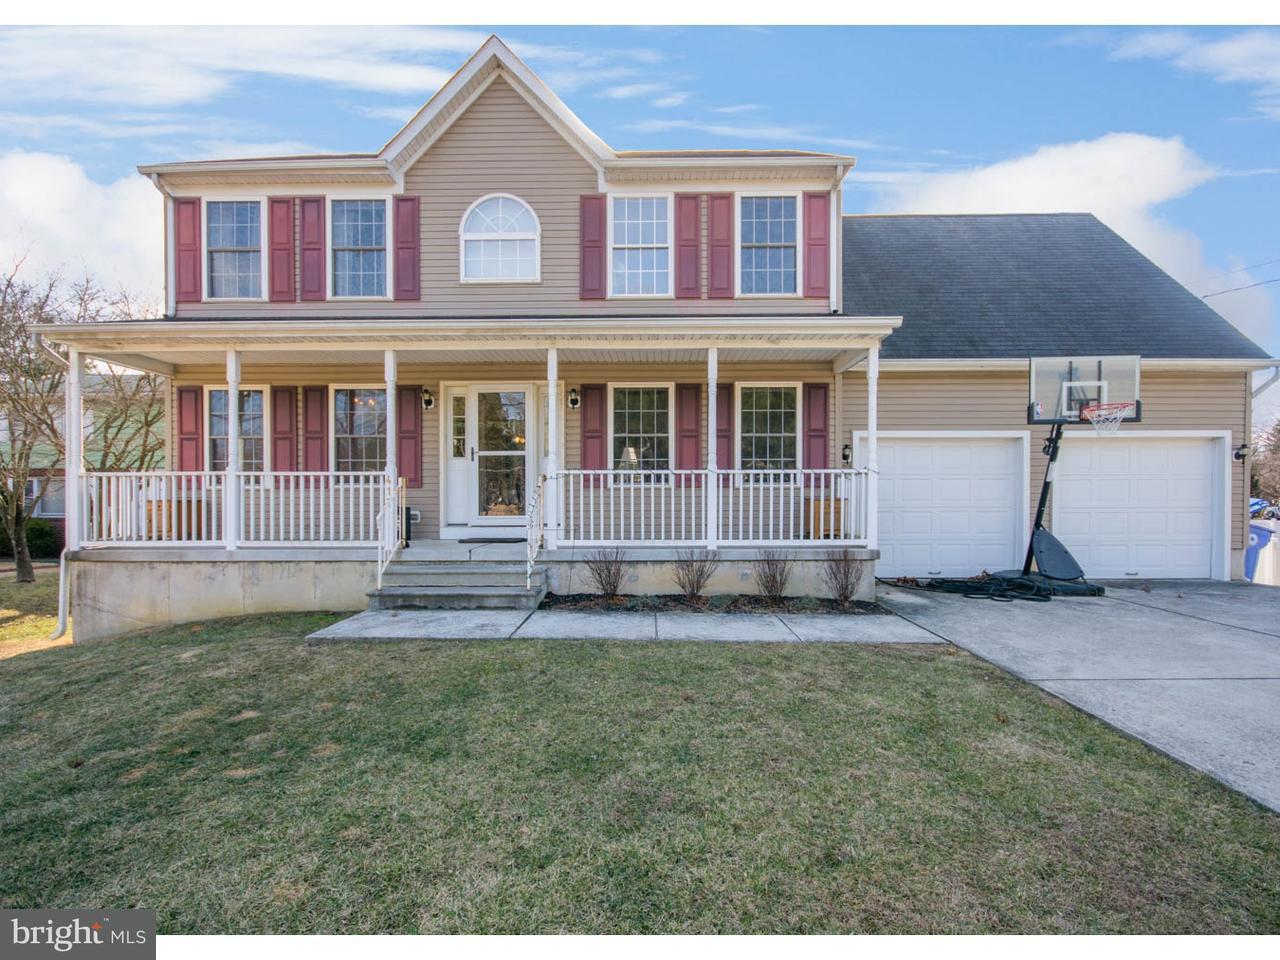 Maison unifamiliale pour l Vente à 417 W ATLANTIC Avenue Laurel Springs, New Jersey 08021 États-Unis